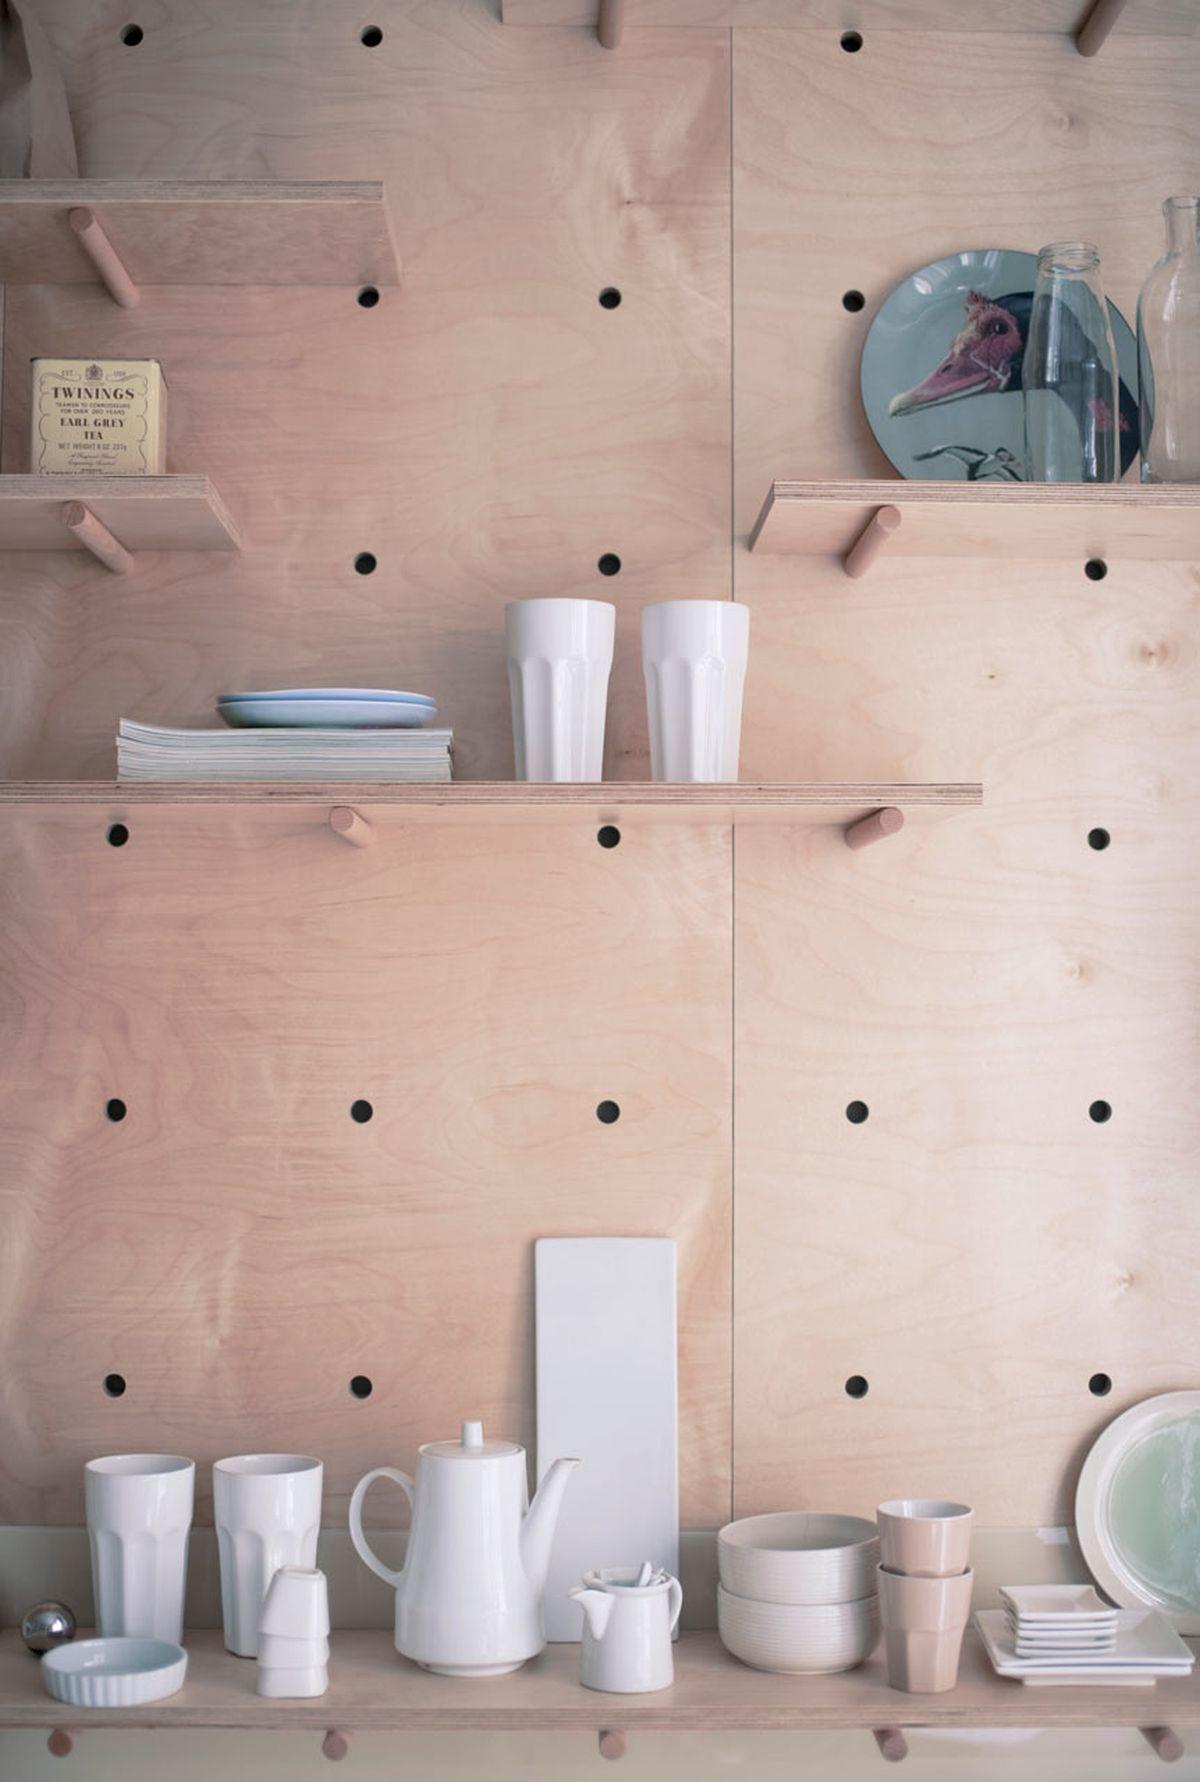 Thiết kế này cho phép bạn thỏa sức thay đổi vị trí, kích thước của những chiếc kệ mở cho phù hợp với nhu cầu sử dụng của bản thân.